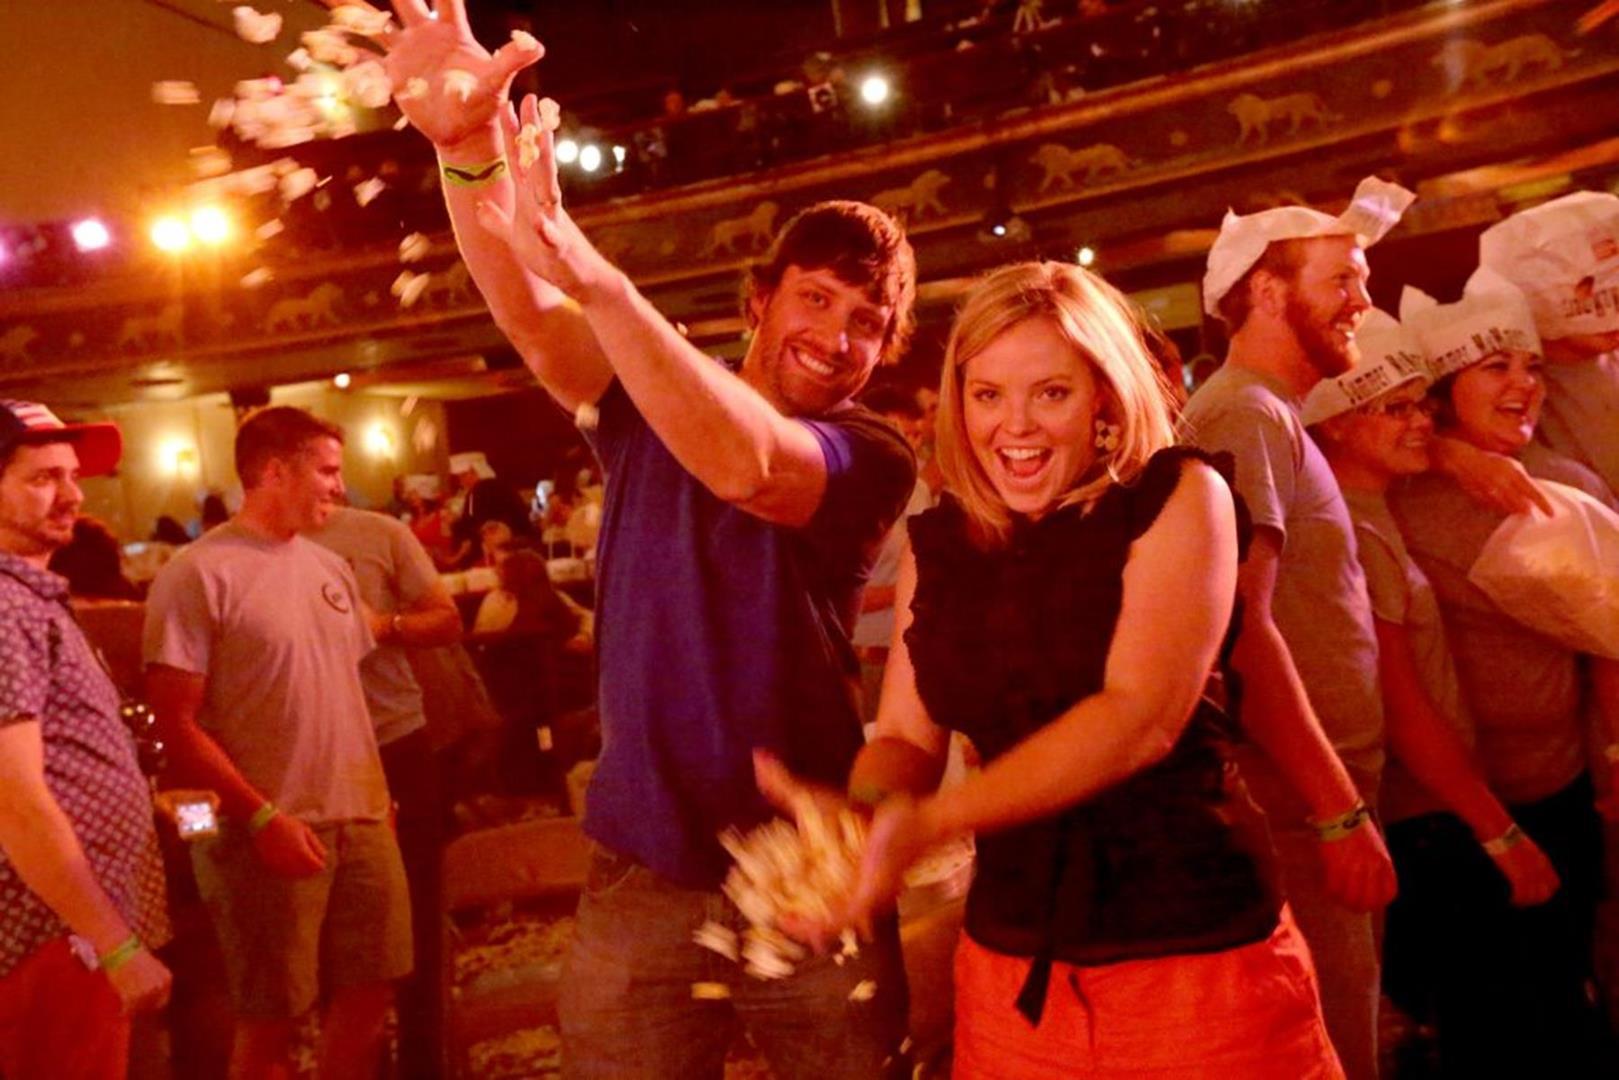 Summer Mummers-Credit MidlandCVB, VisitMidlandTexas.com